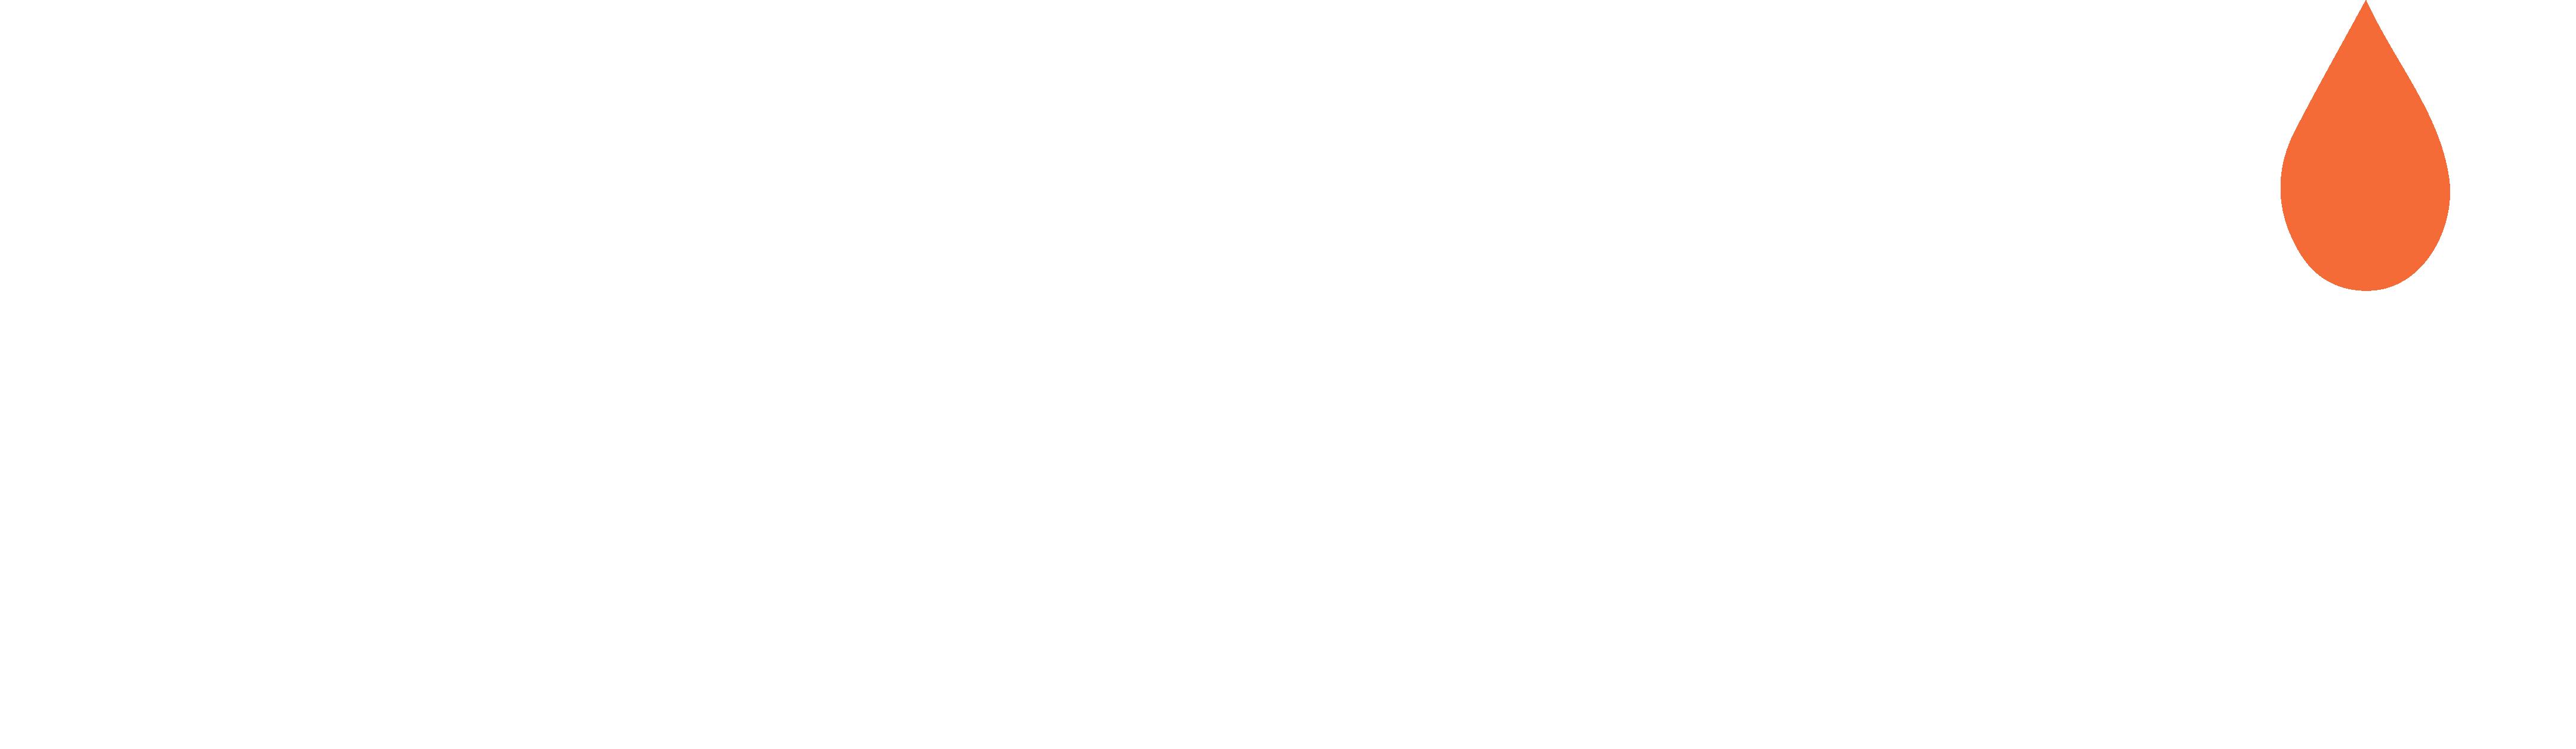 Bharlev